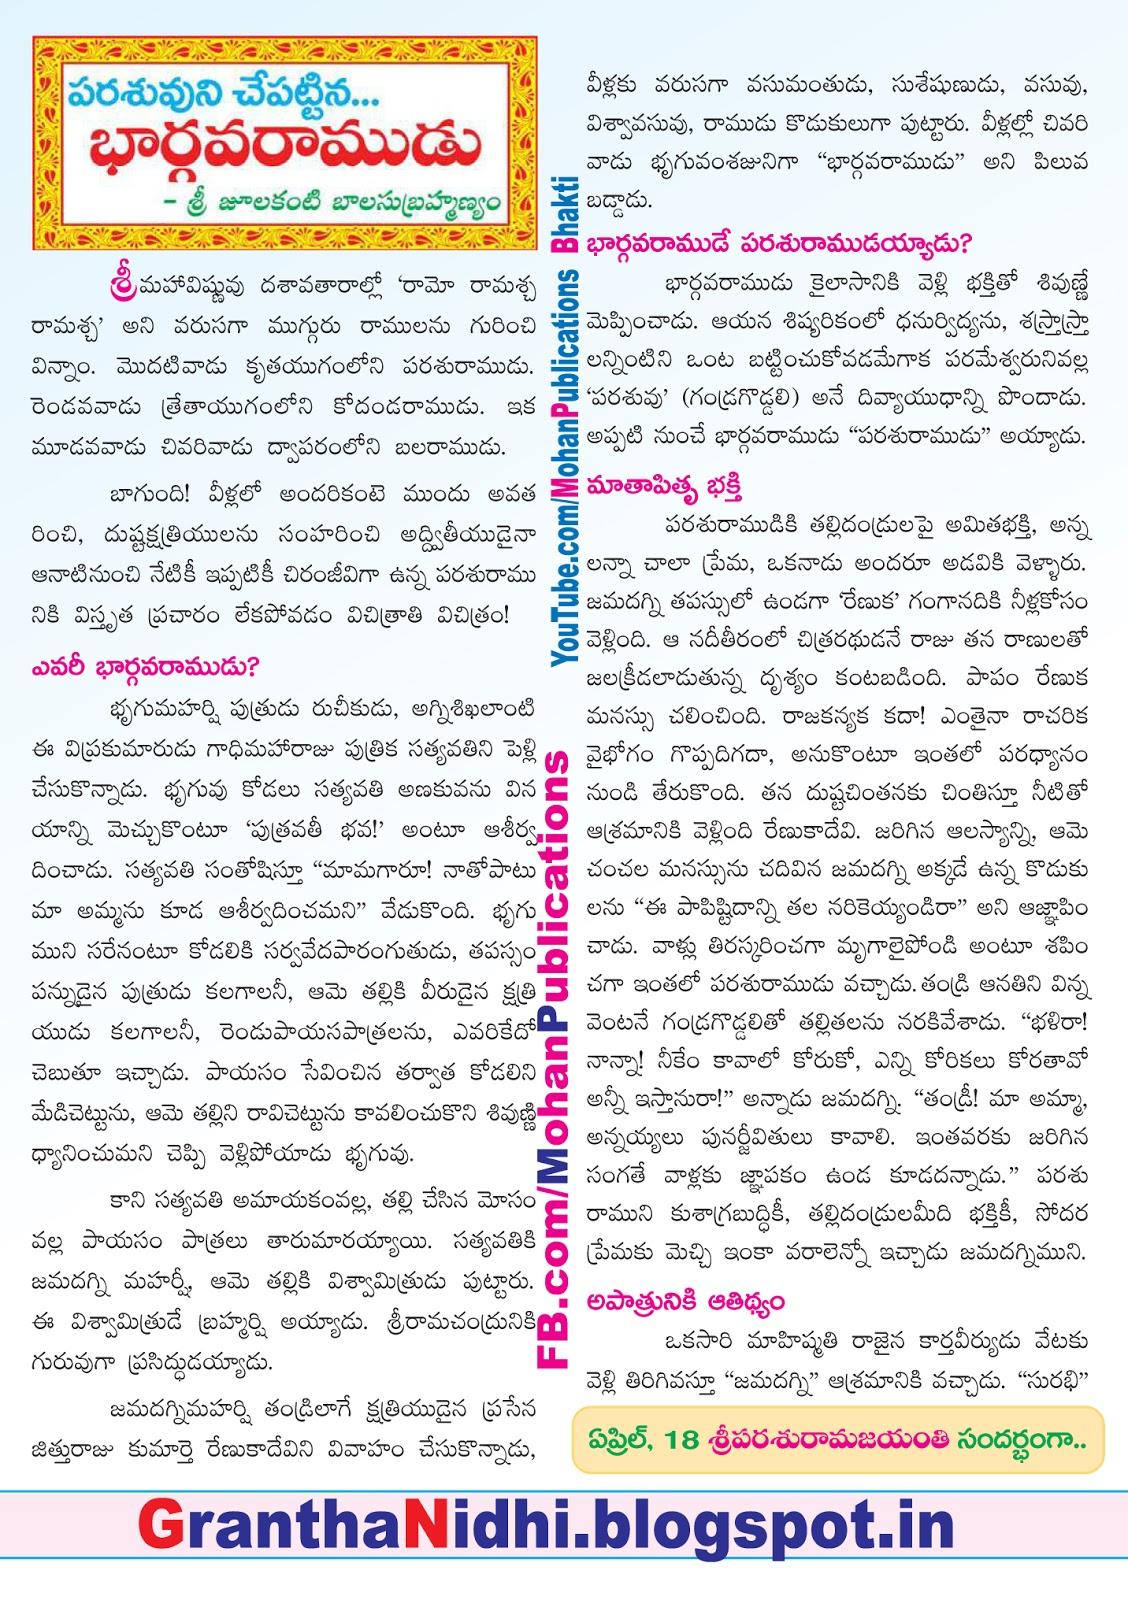 శ్రీ పరశురామ జయంతి Lord Parasurama Parasurama Lord Parashurama Lord Bhargavarama Bhargavarama Dasavathar Bhargavaram TTD TTD Ebooks Sapthagiri TTD Magazine Saptagiri Ebooks Tirumala Bhakthi Pustakalu Bhakti Pustakalu BhakthiPustakalu BhaktiPustakalu